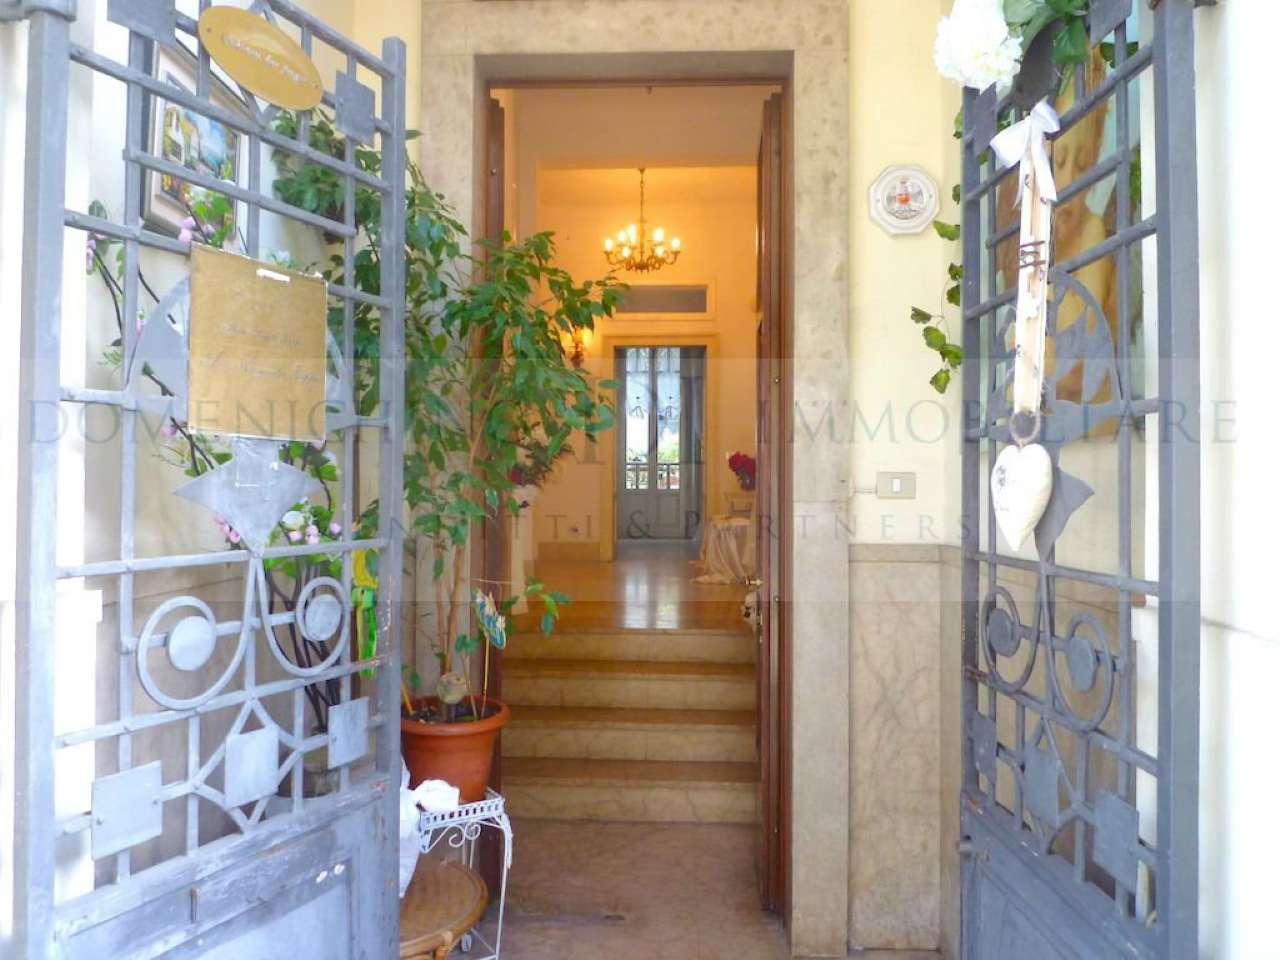 Villa in vendita a Milano, 5 locali, zona Zona: 15 . Fiera, Firenze, Sempione, Pagano, Amendola, Paolo Sarpi, Arena, prezzo € 1.900.000 | Cambio Casa.it